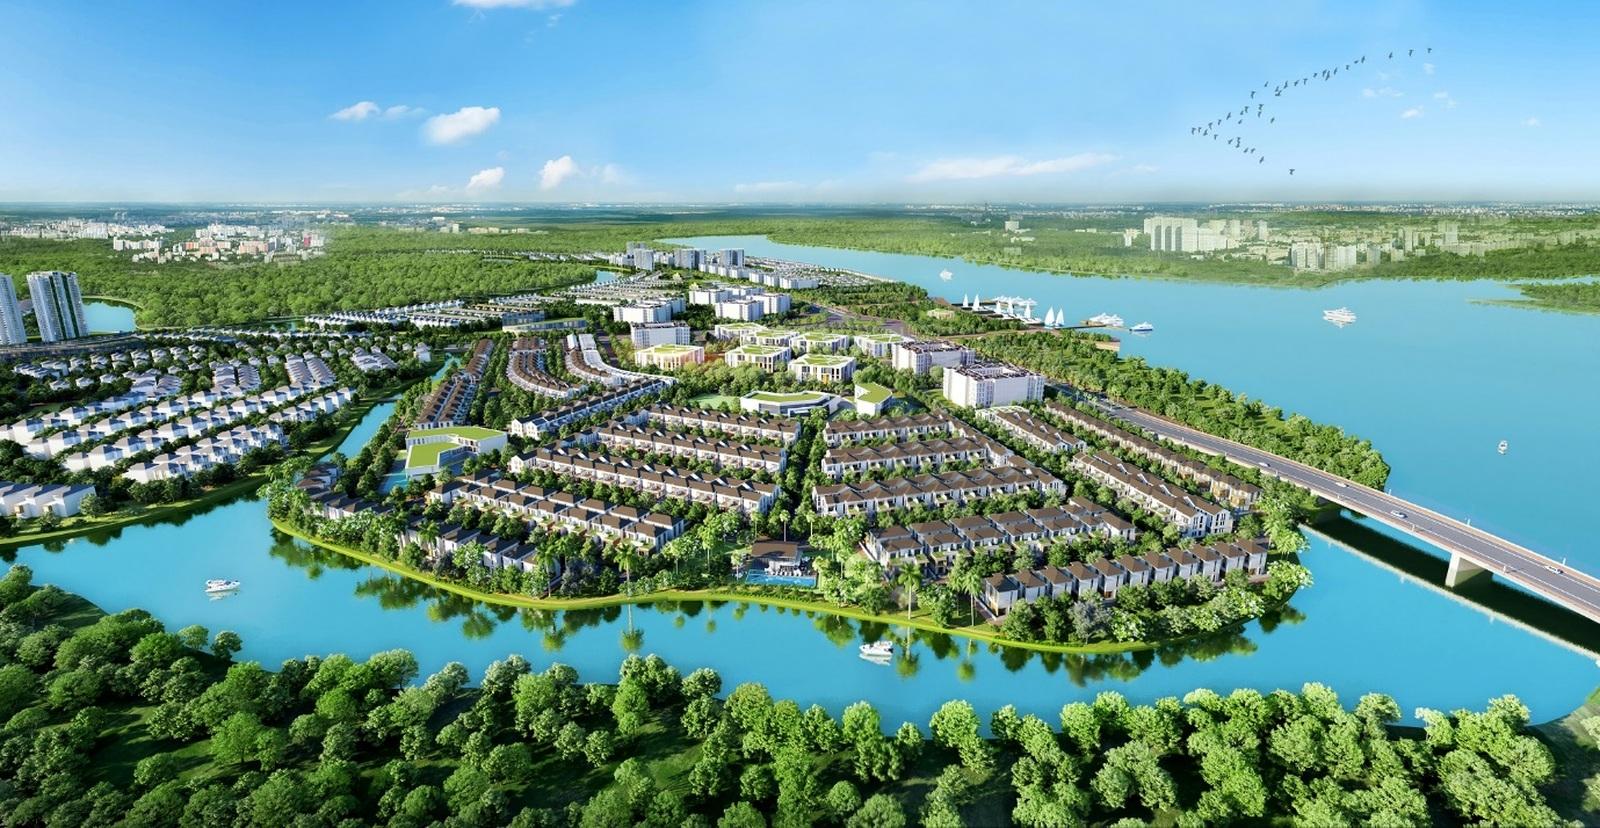 Đô thị sinh thái thông minh Aqua City: Xứng tầm đẳng cấp - Hấp dẫn đầu tư - 1